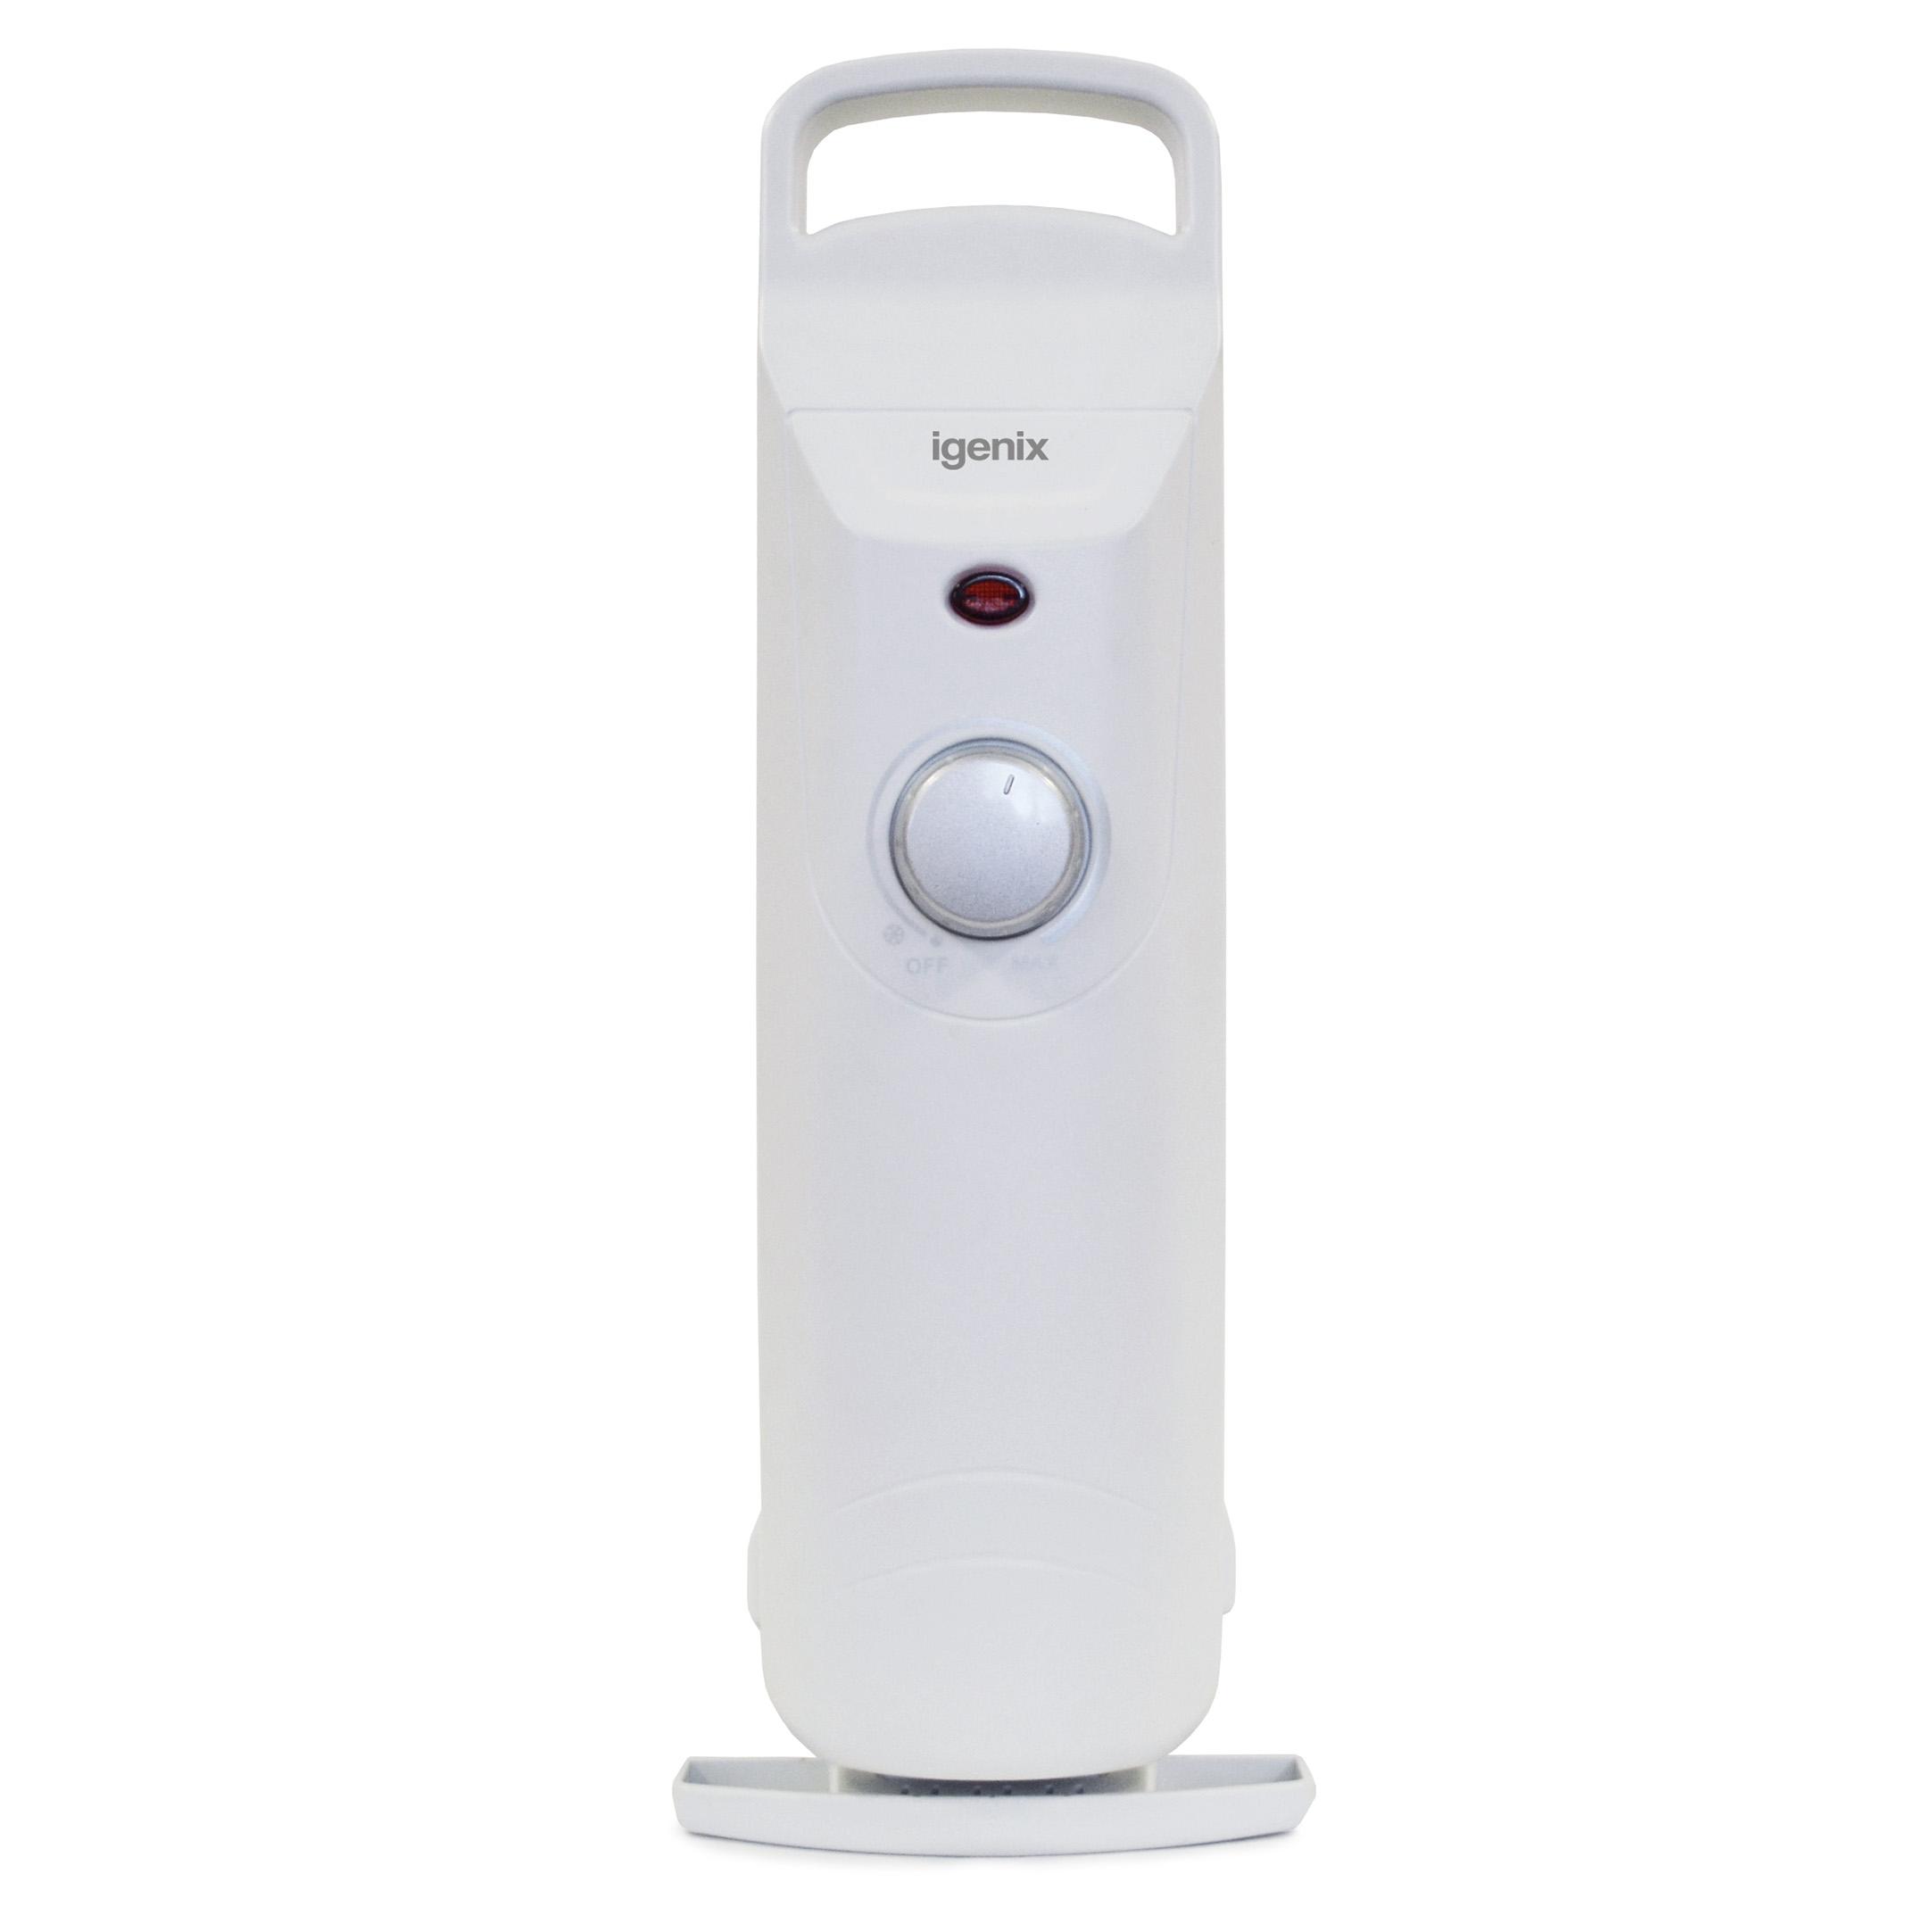 Igenix 600W Oil Filled Radiator White Ref IG0500